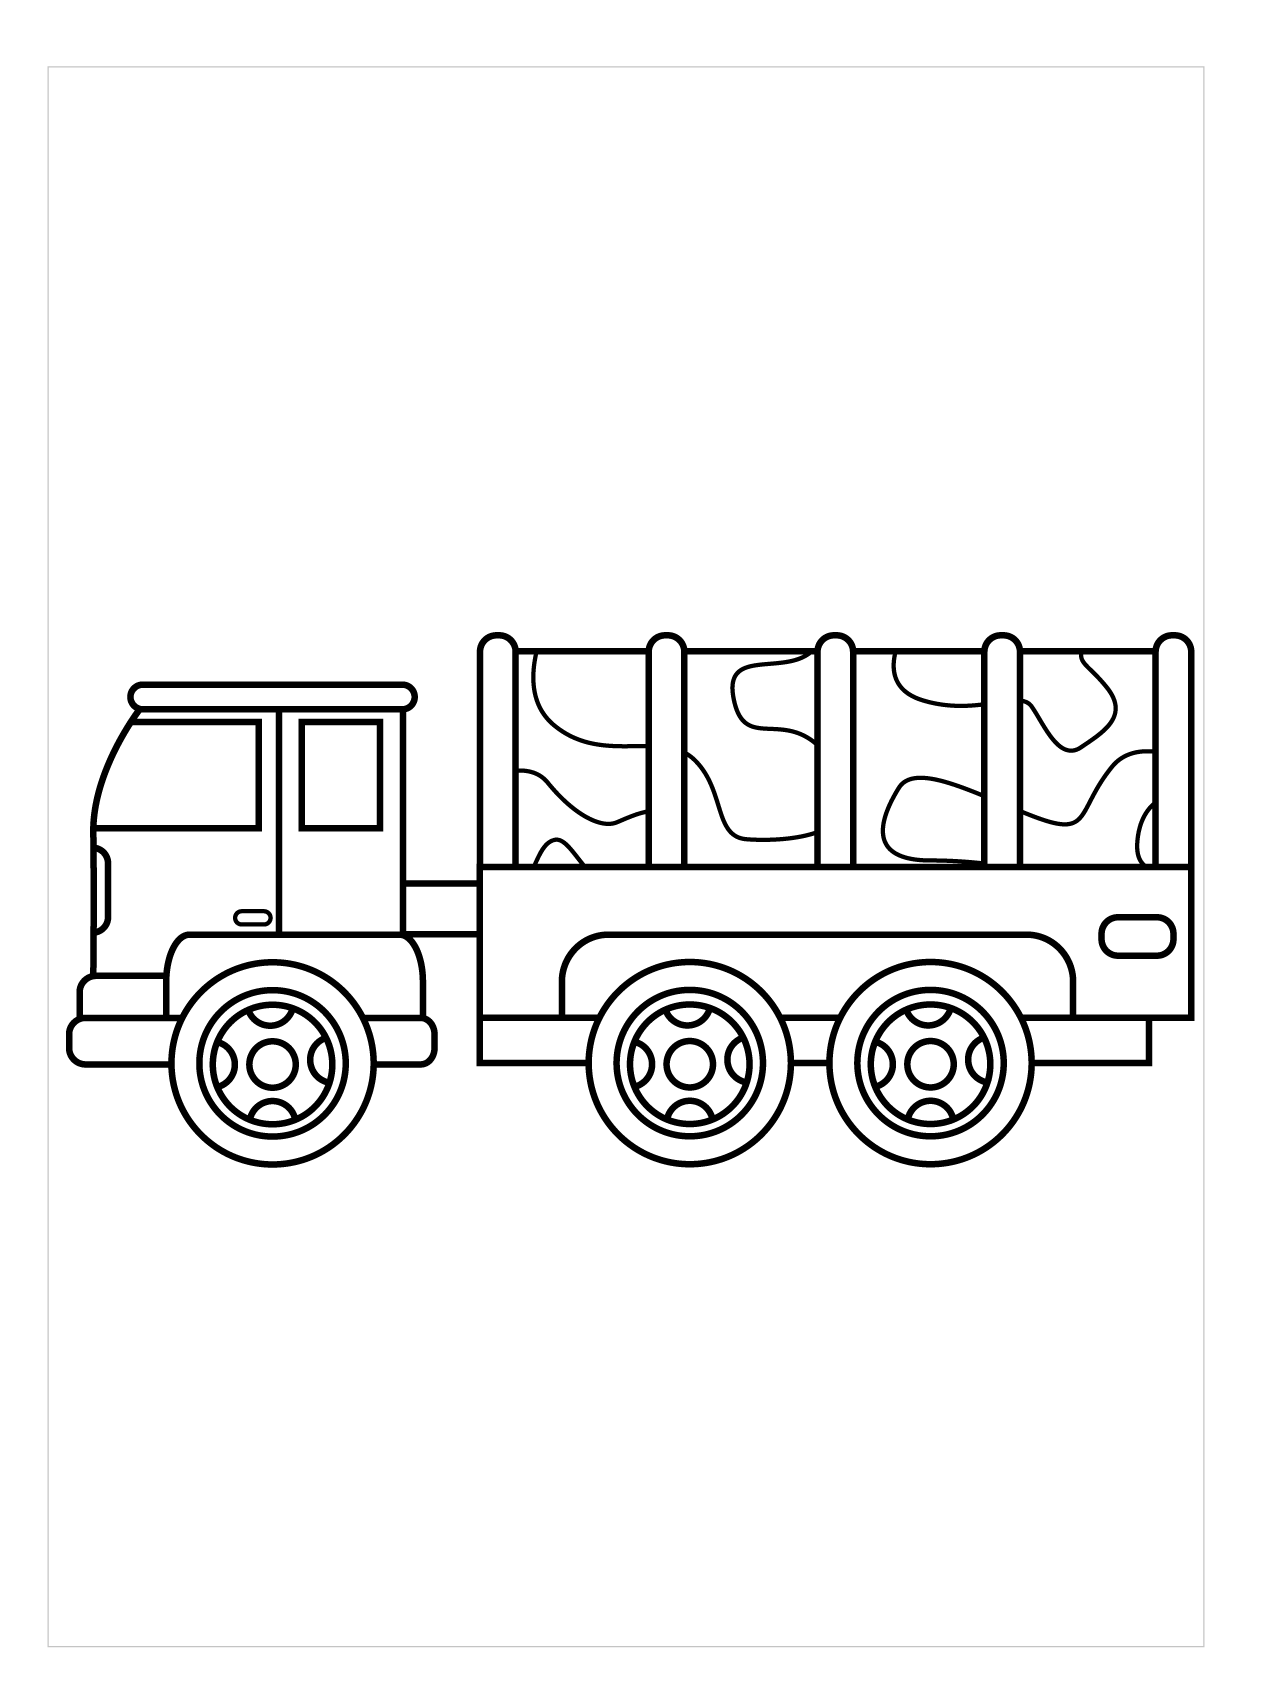 Tranh tô màu xe tải quân đội